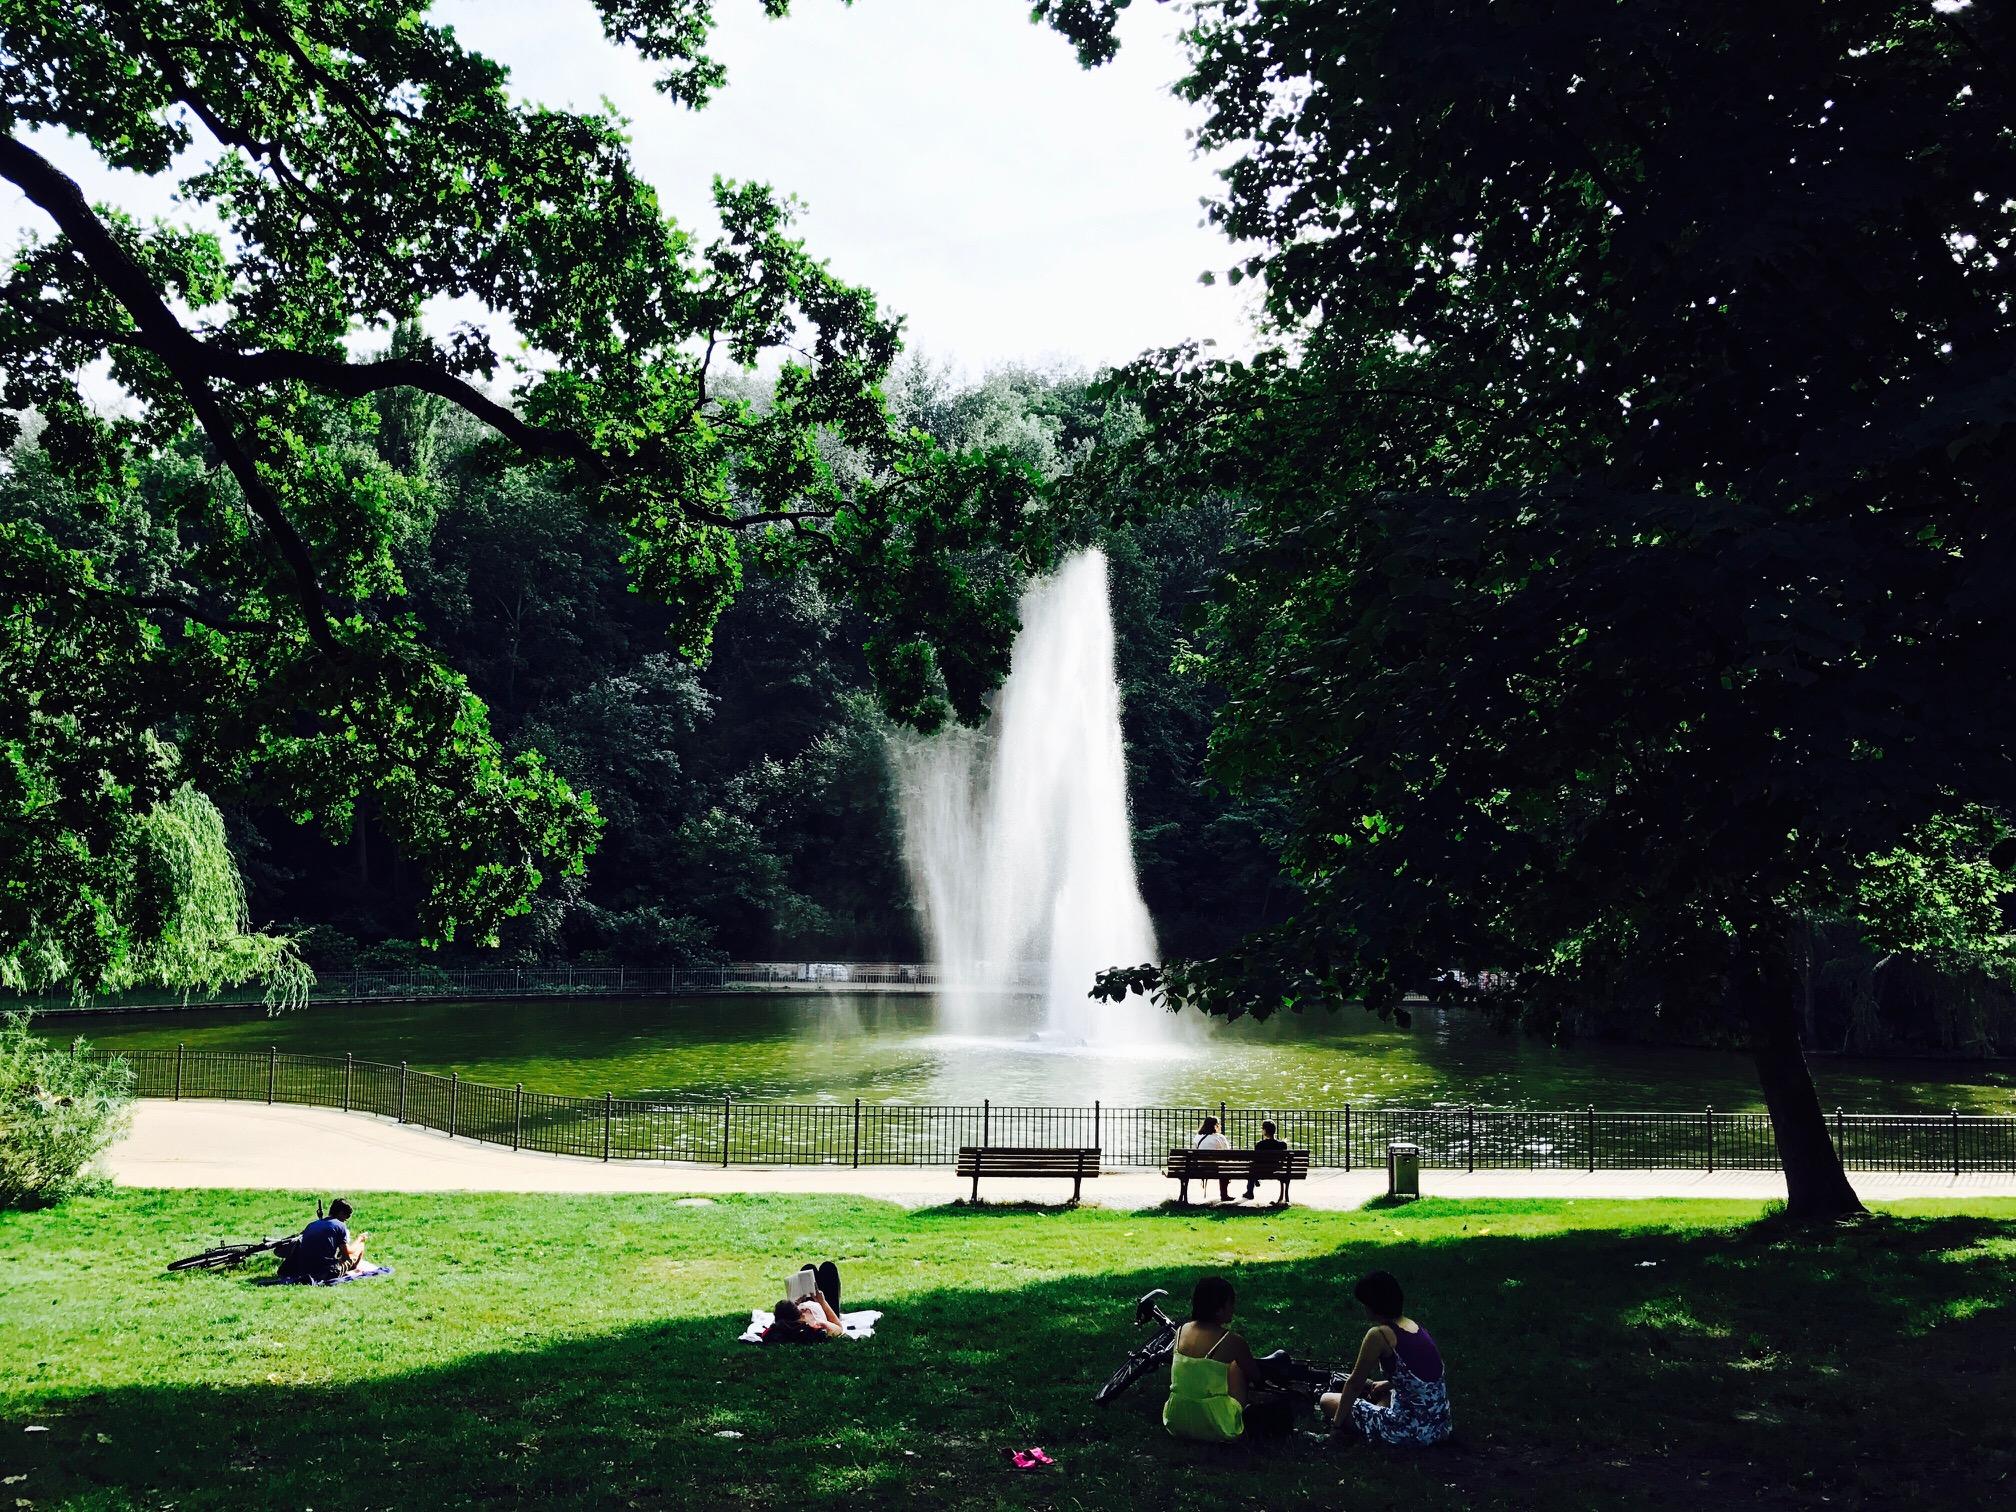 Blick auf den See im Volkspark Friedrichshain, Berlin